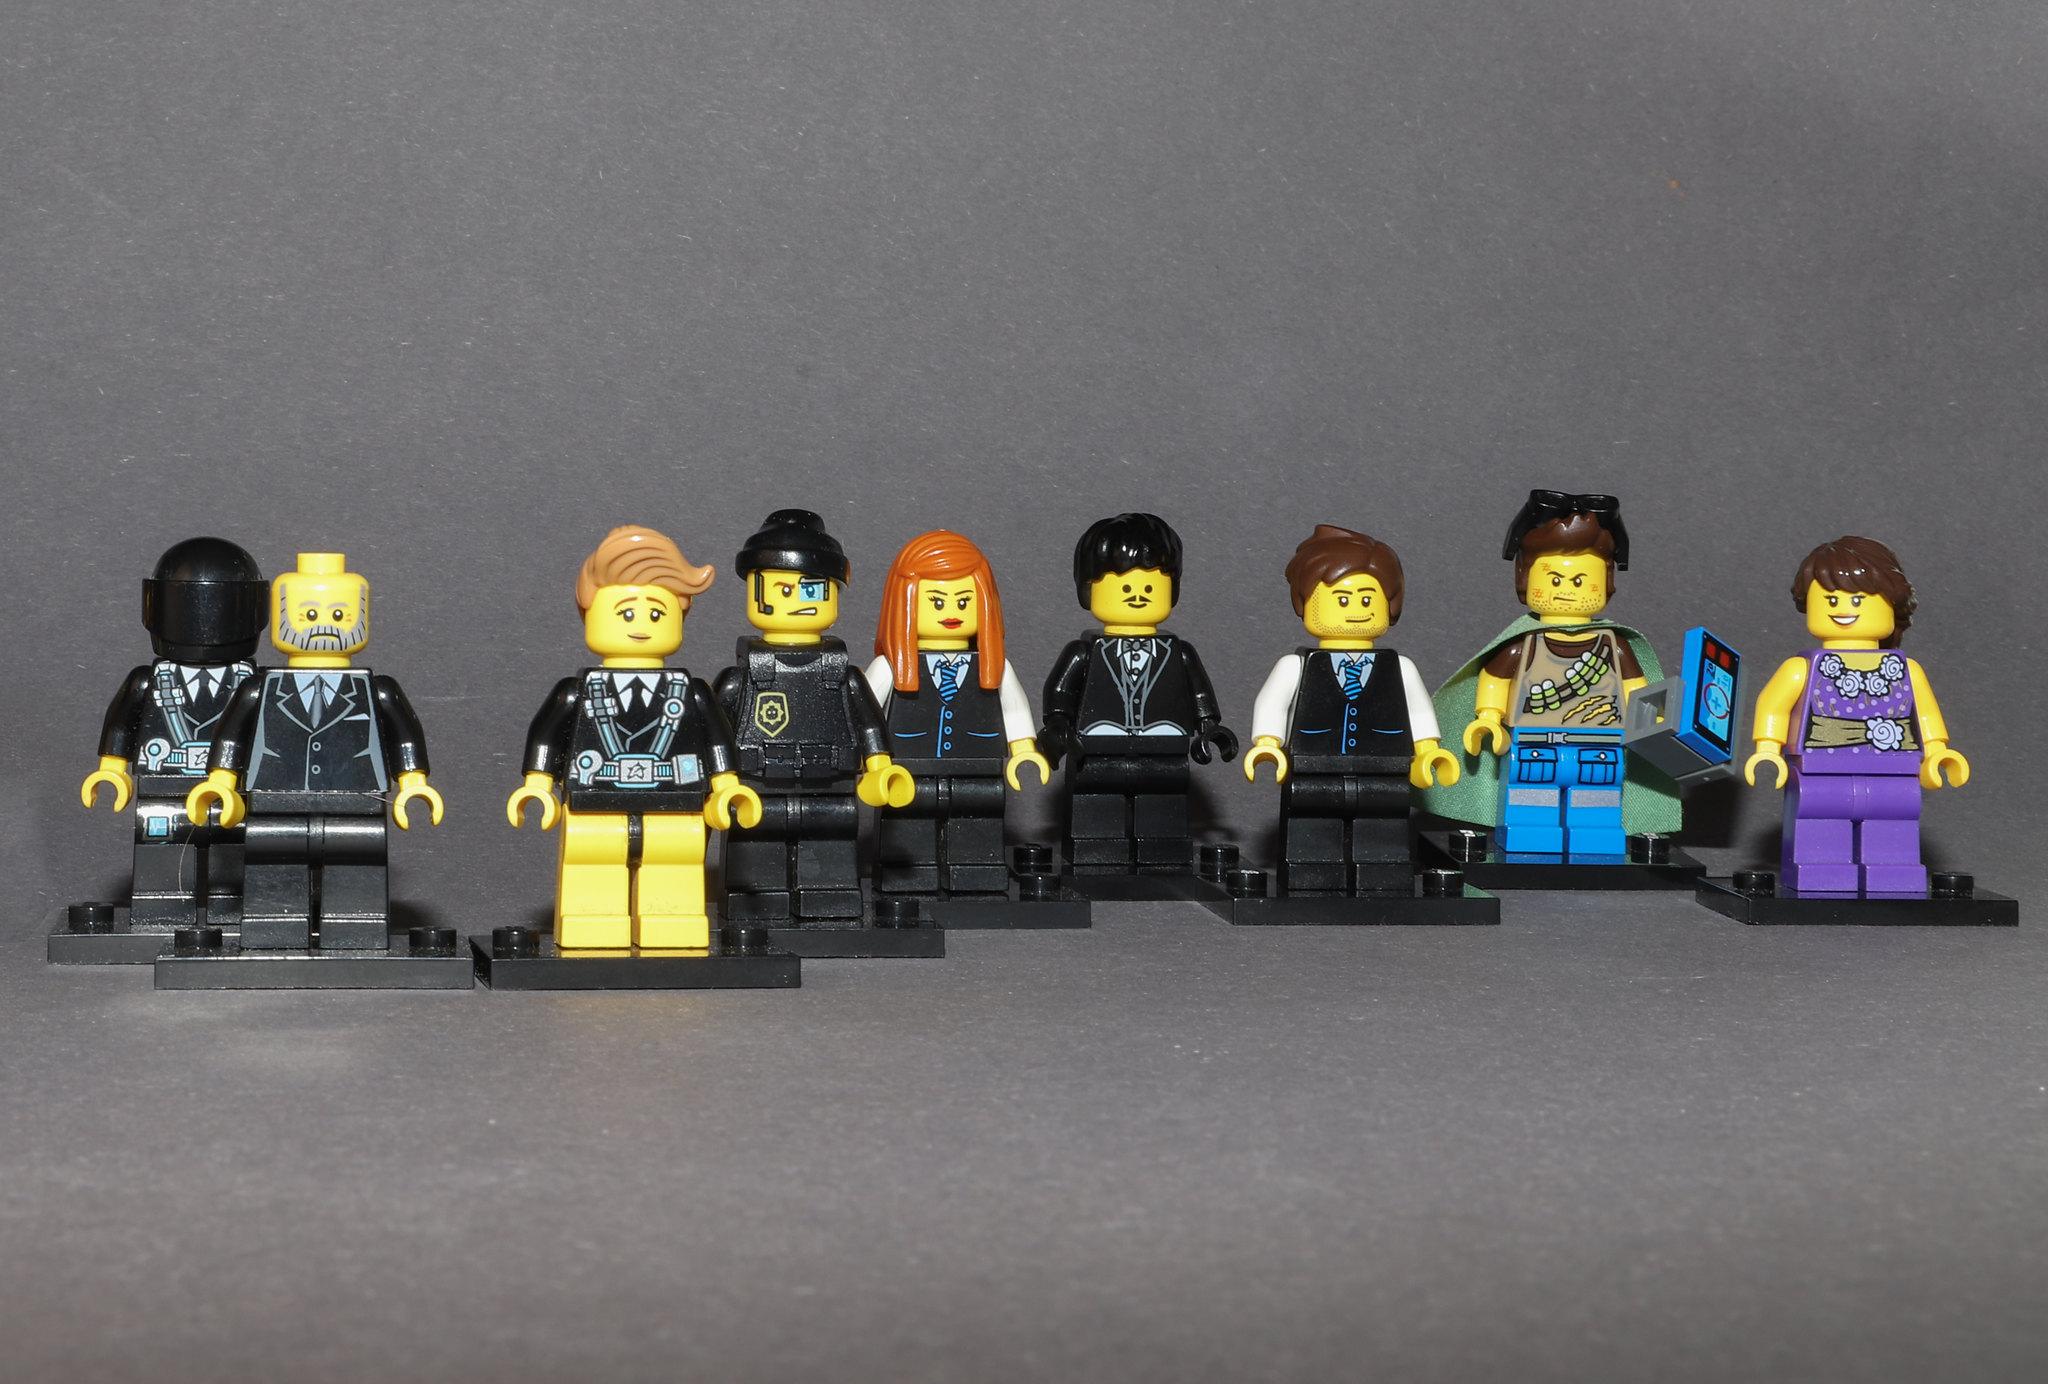 [Photographie + LEGO] Quand le VDF croise l'univers des LEGO 32349287498_8d62b44574_k